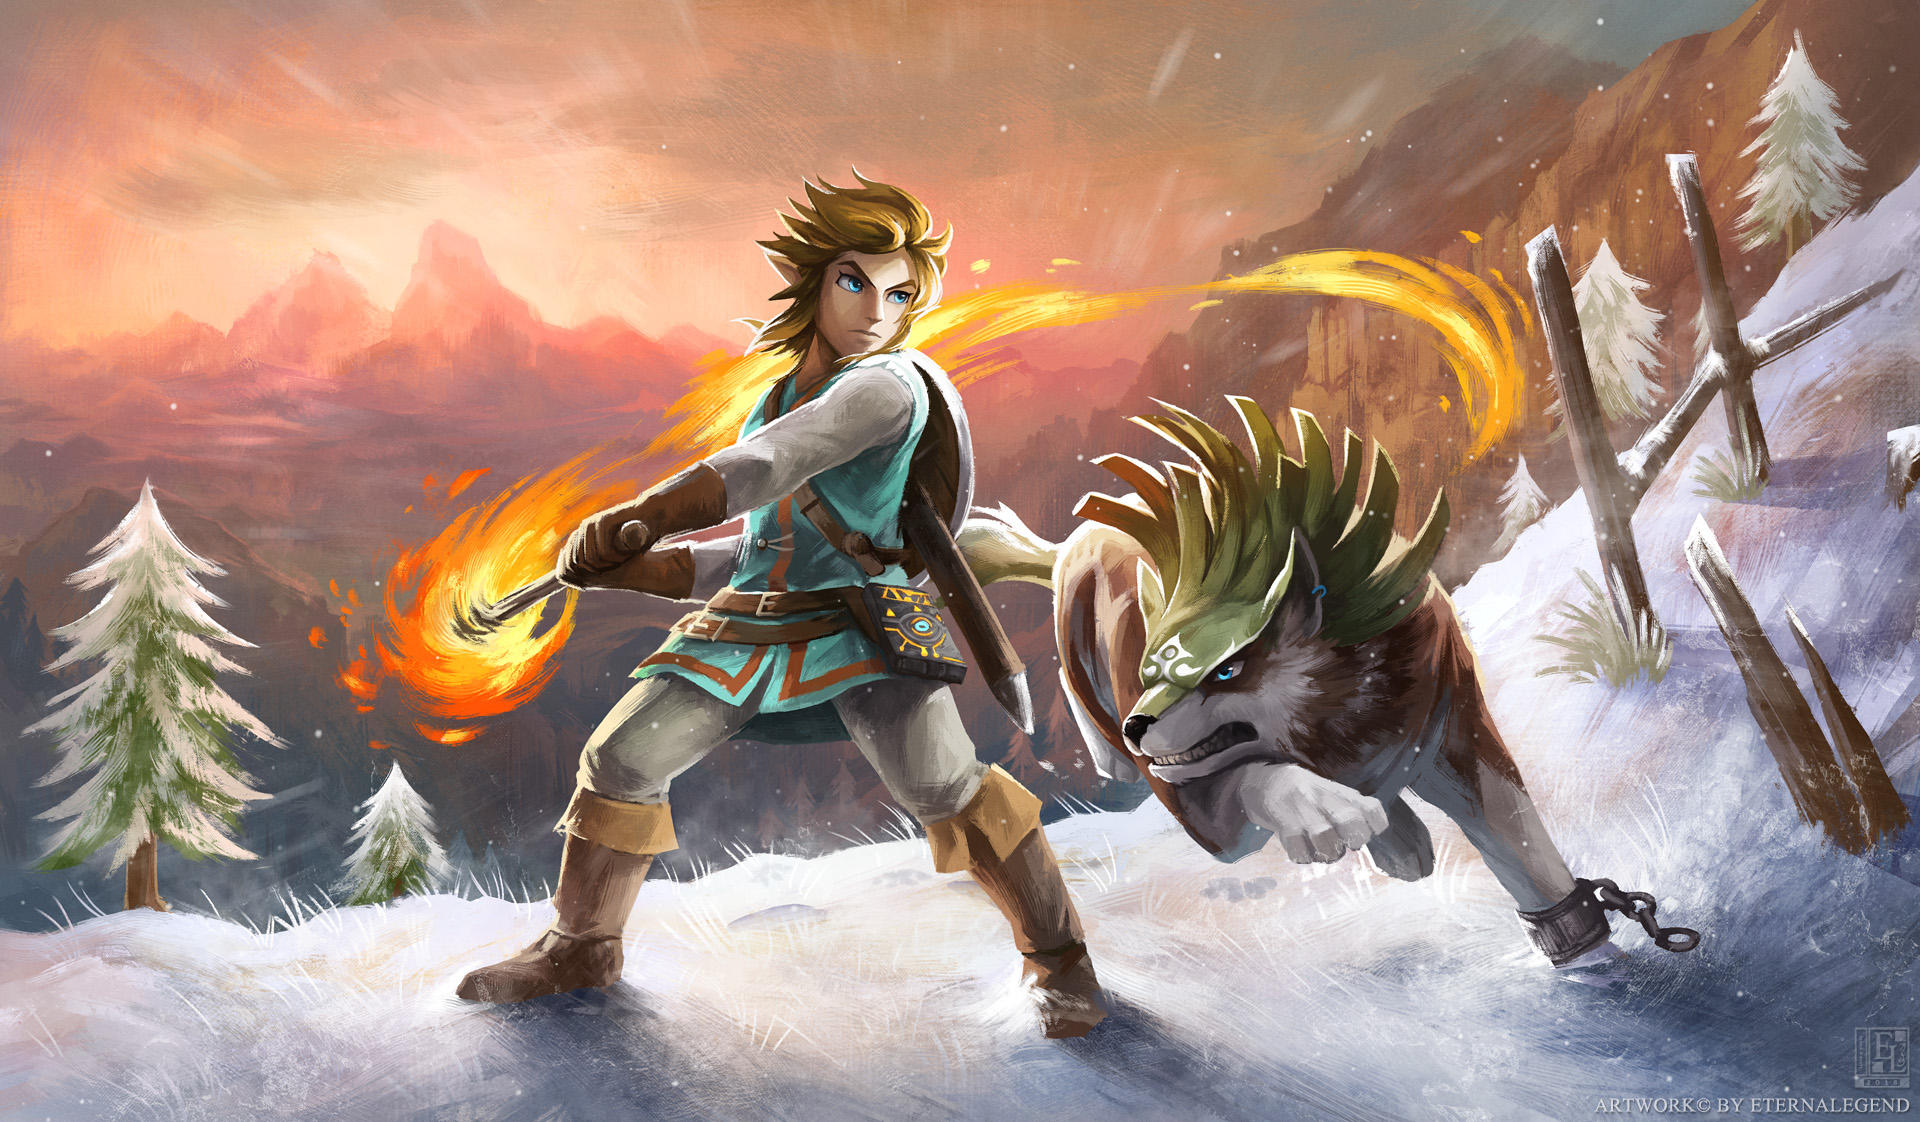 Fondos De The Legend Of Zelda Breath Of The Wild  Wallpapers